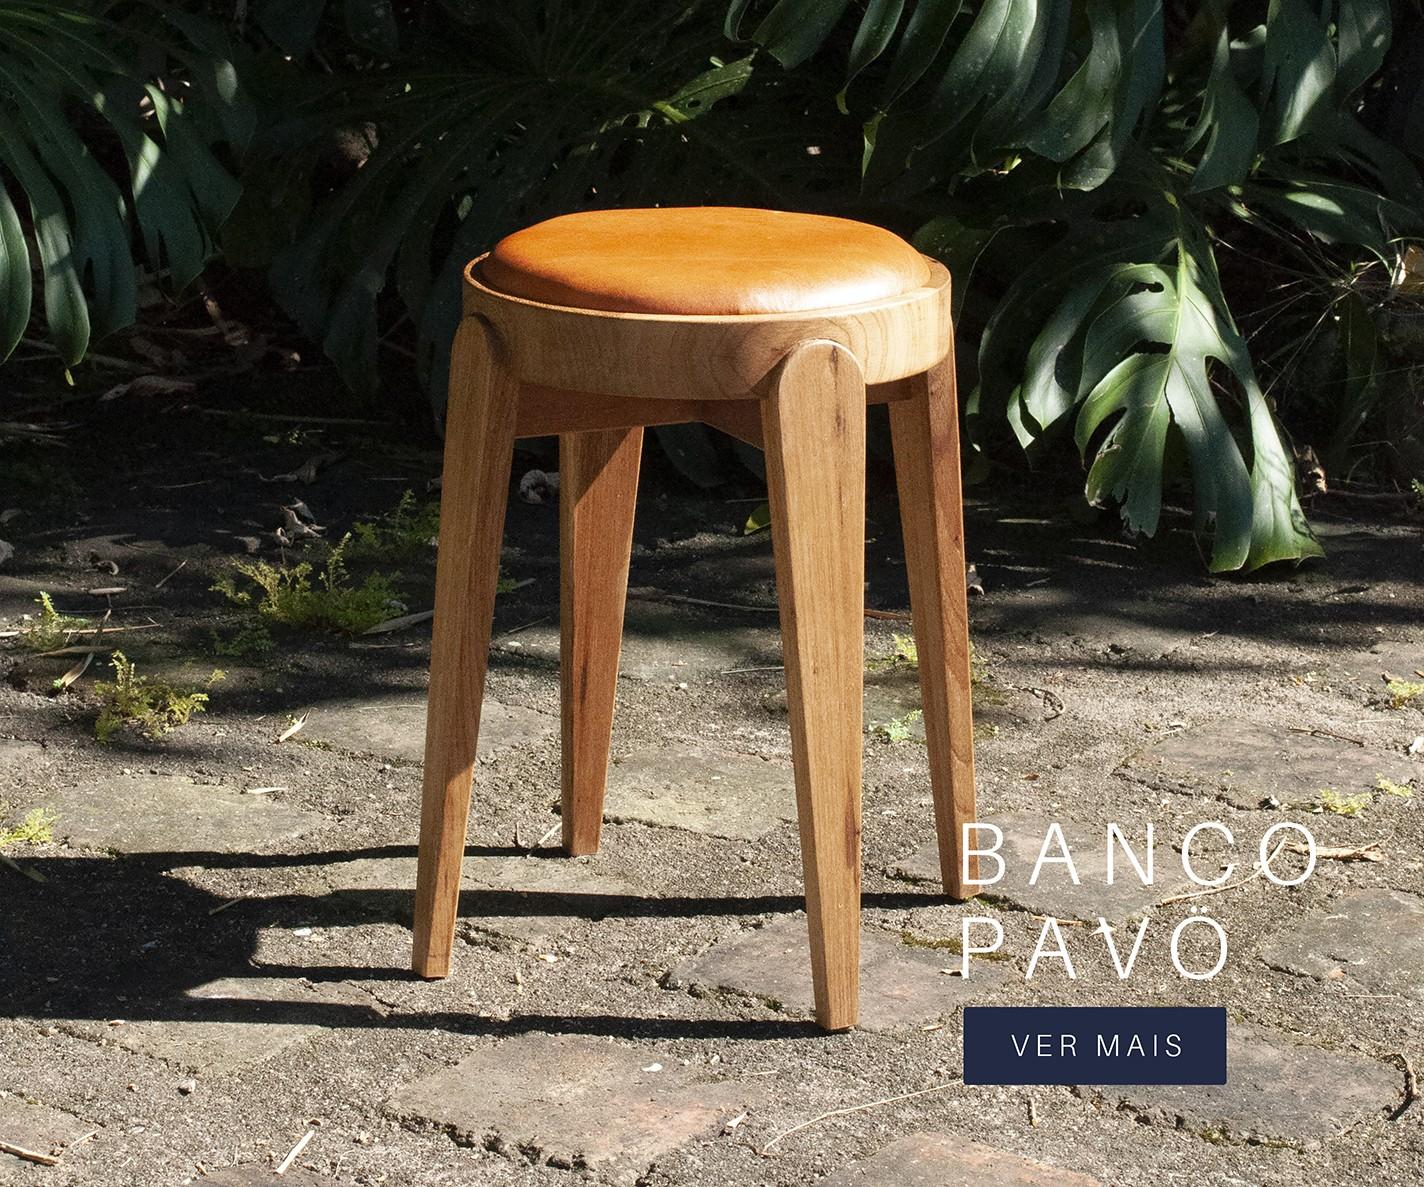 BANCO PAVÖ